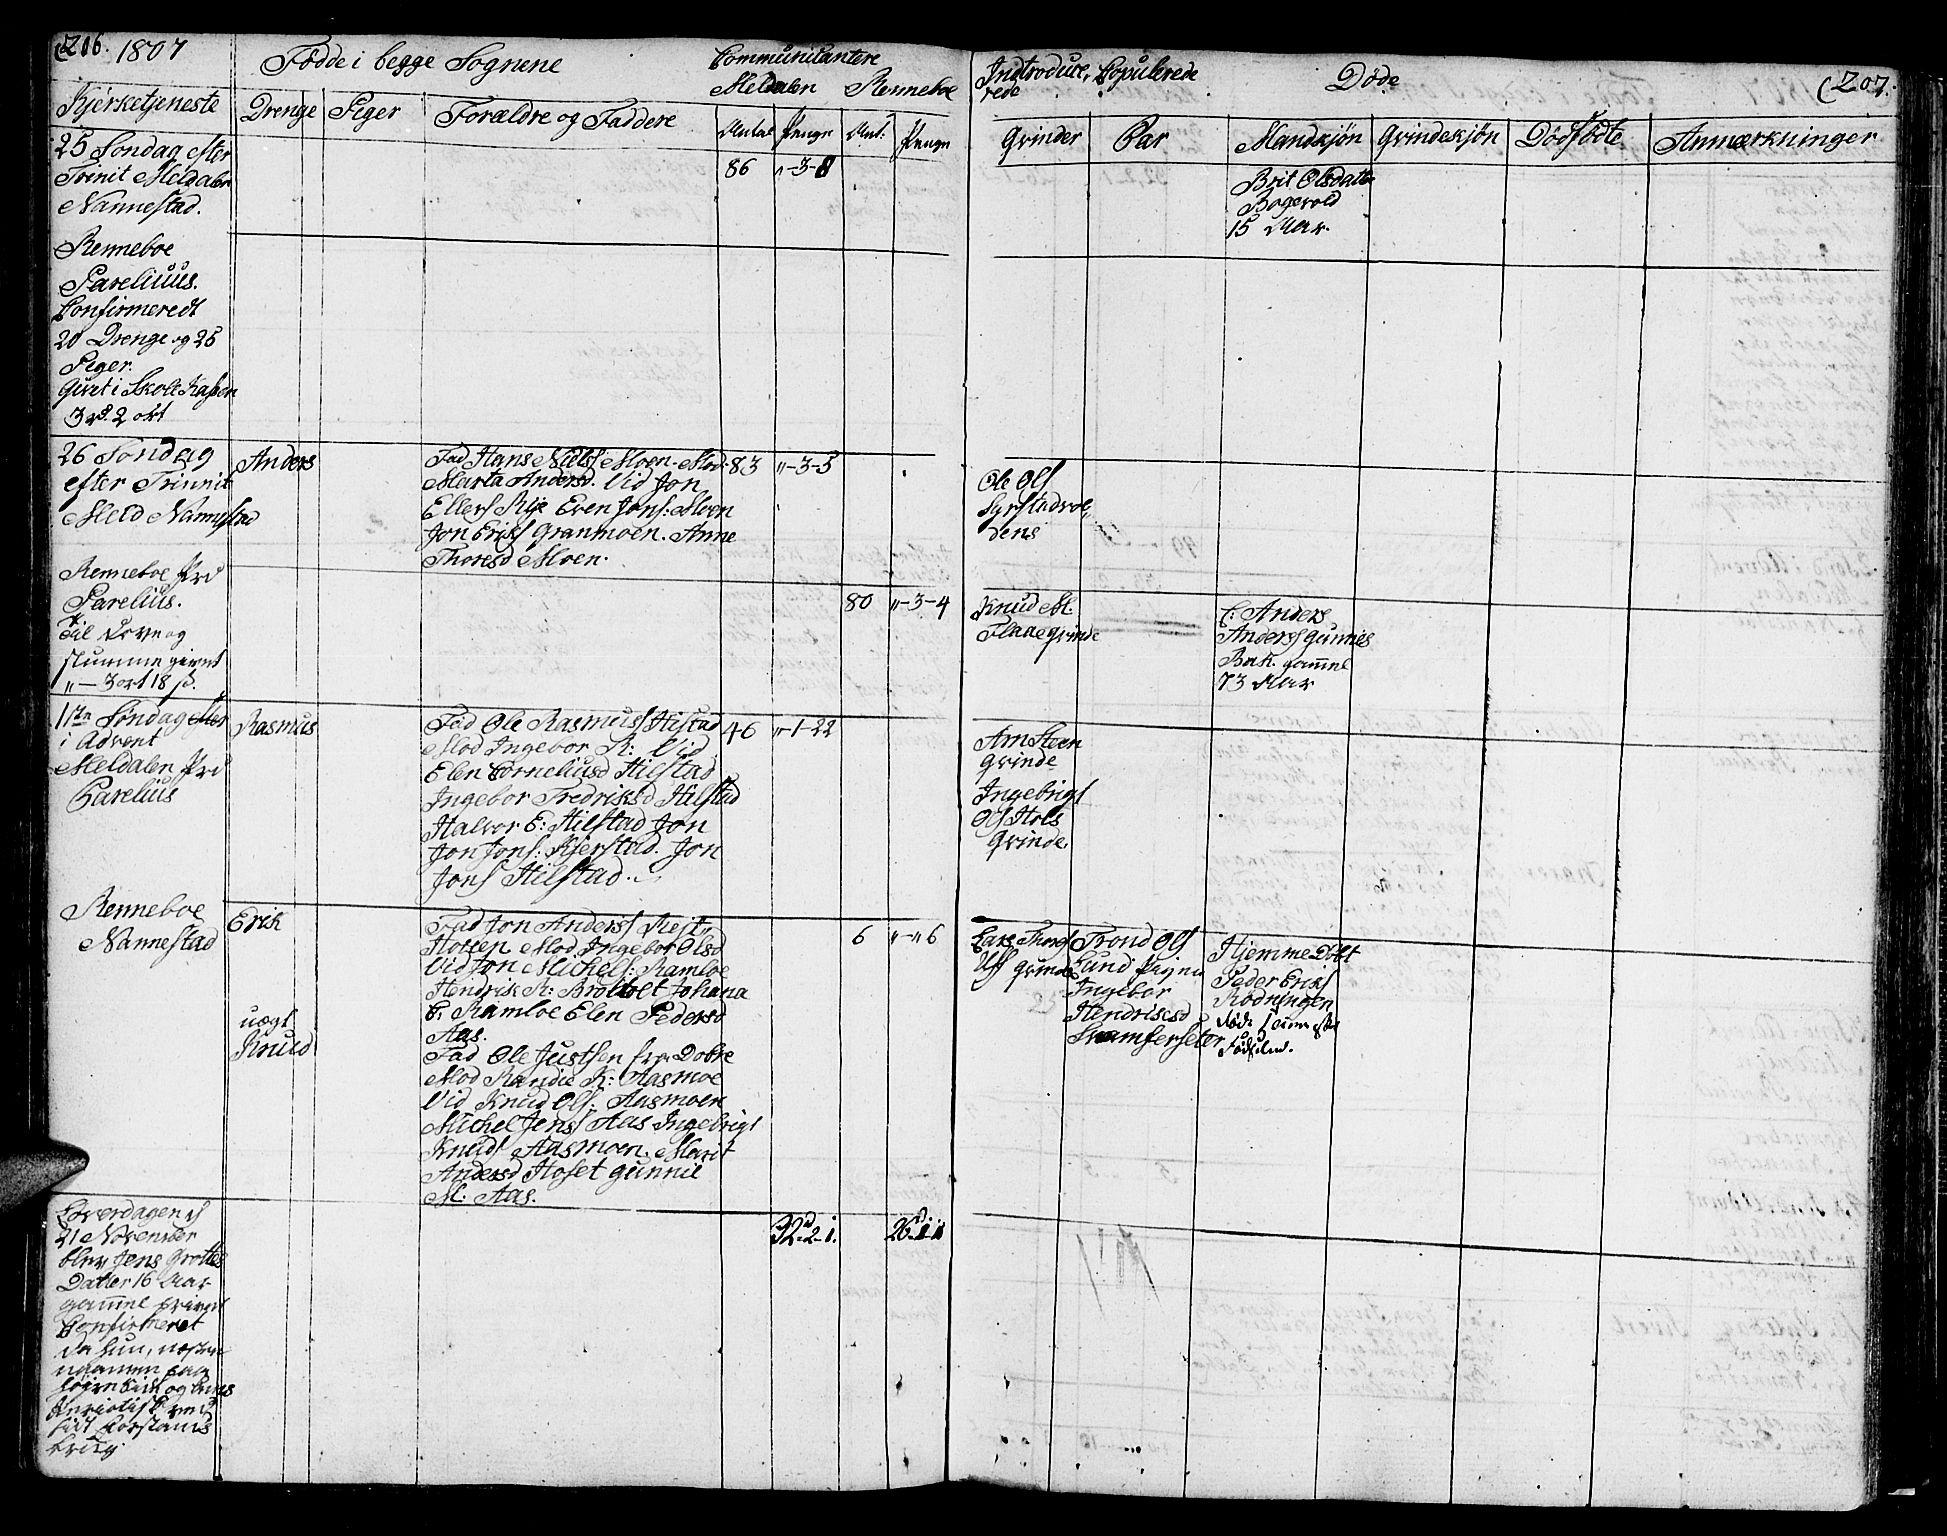 SAT, Ministerialprotokoller, klokkerbøker og fødselsregistre - Sør-Trøndelag, 672/L0852: Ministerialbok nr. 672A05, 1776-1815, s. 206-207